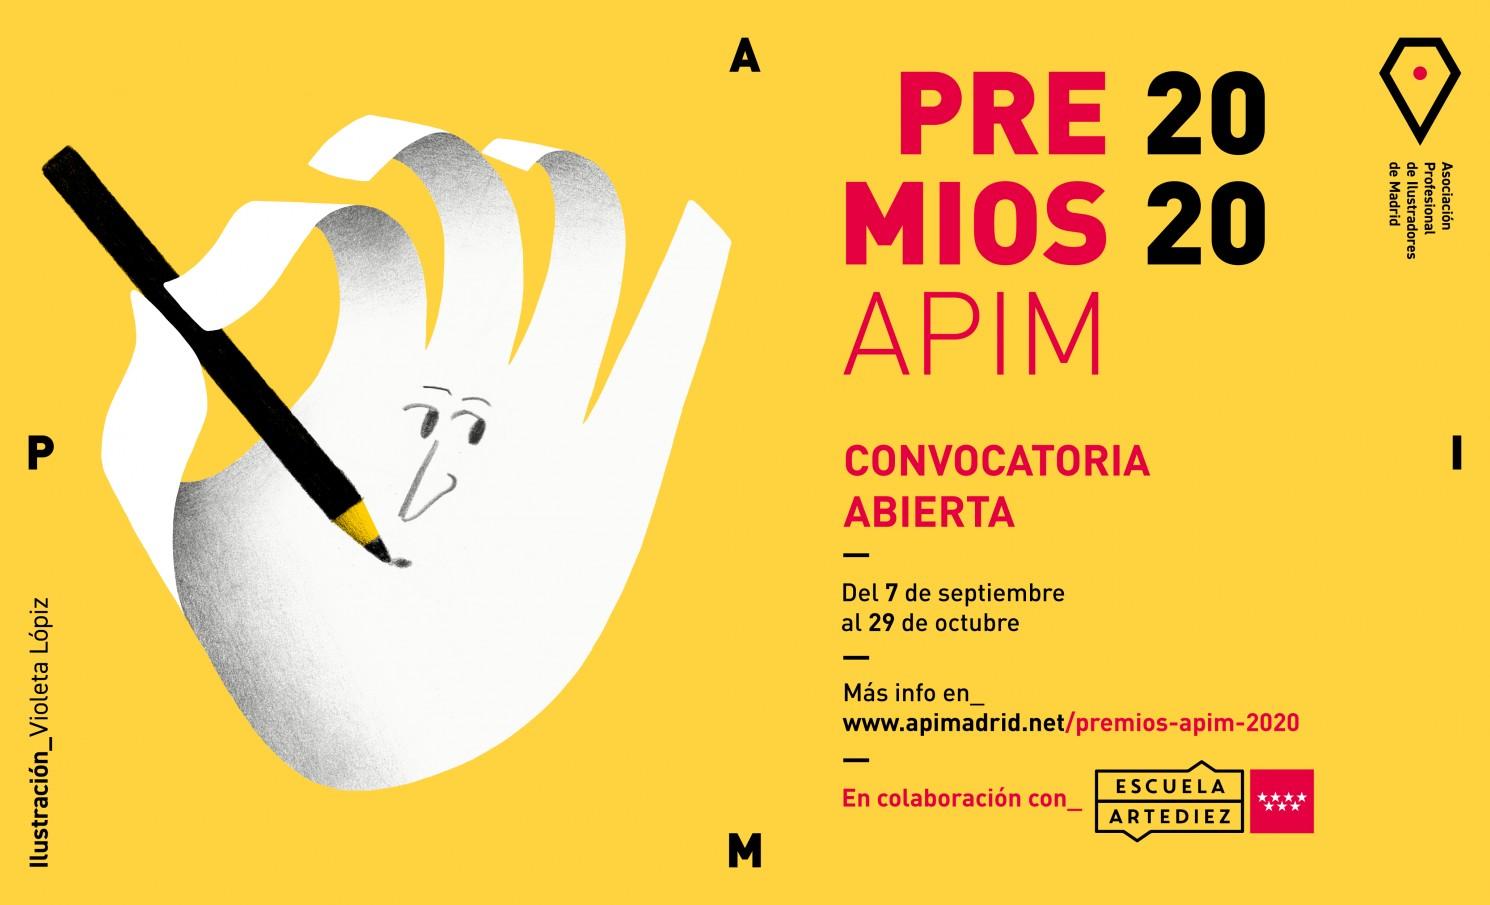 PREMIOS APIM 2020: CATEGORÍA A - GENERAL Y CATEGORÍA C - NUEVOS TALENTOS